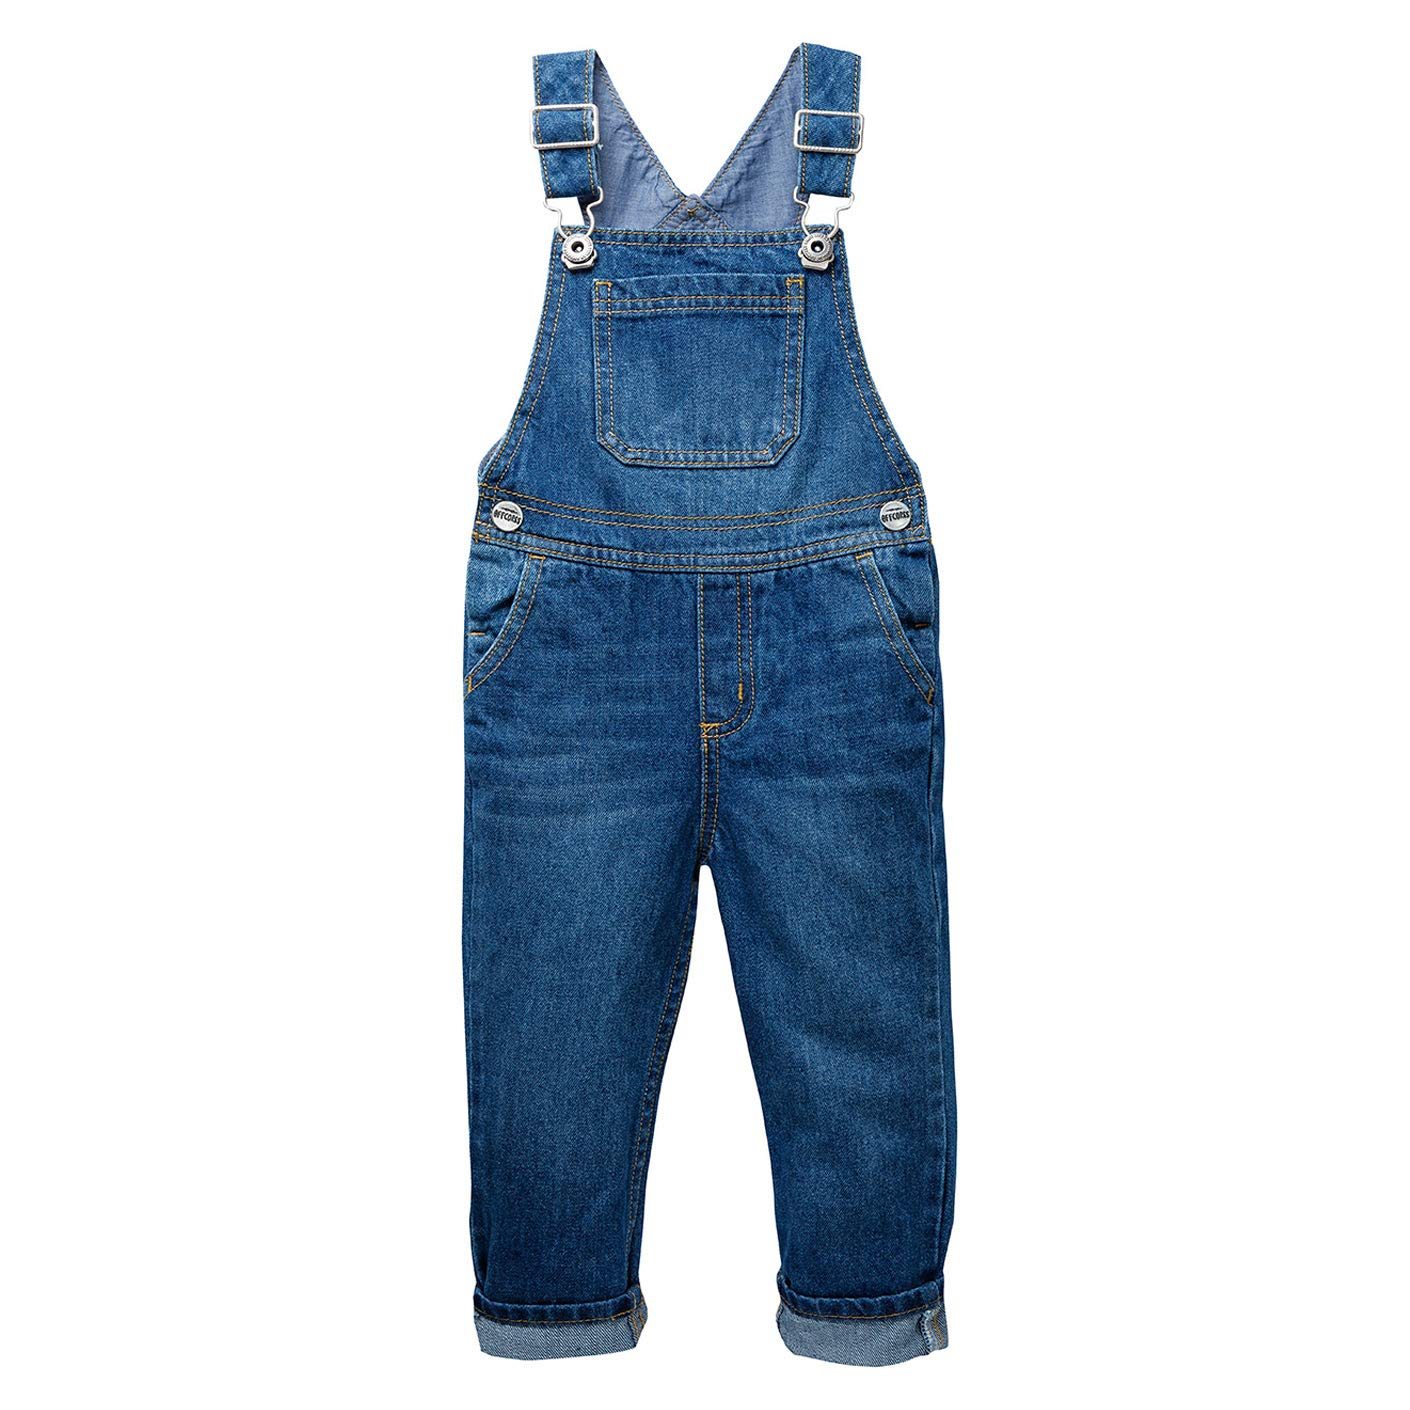 OFFCORSS Indigo Toddler 4T Bib Overalls Boys Kids Dungarees Overoles para Niños